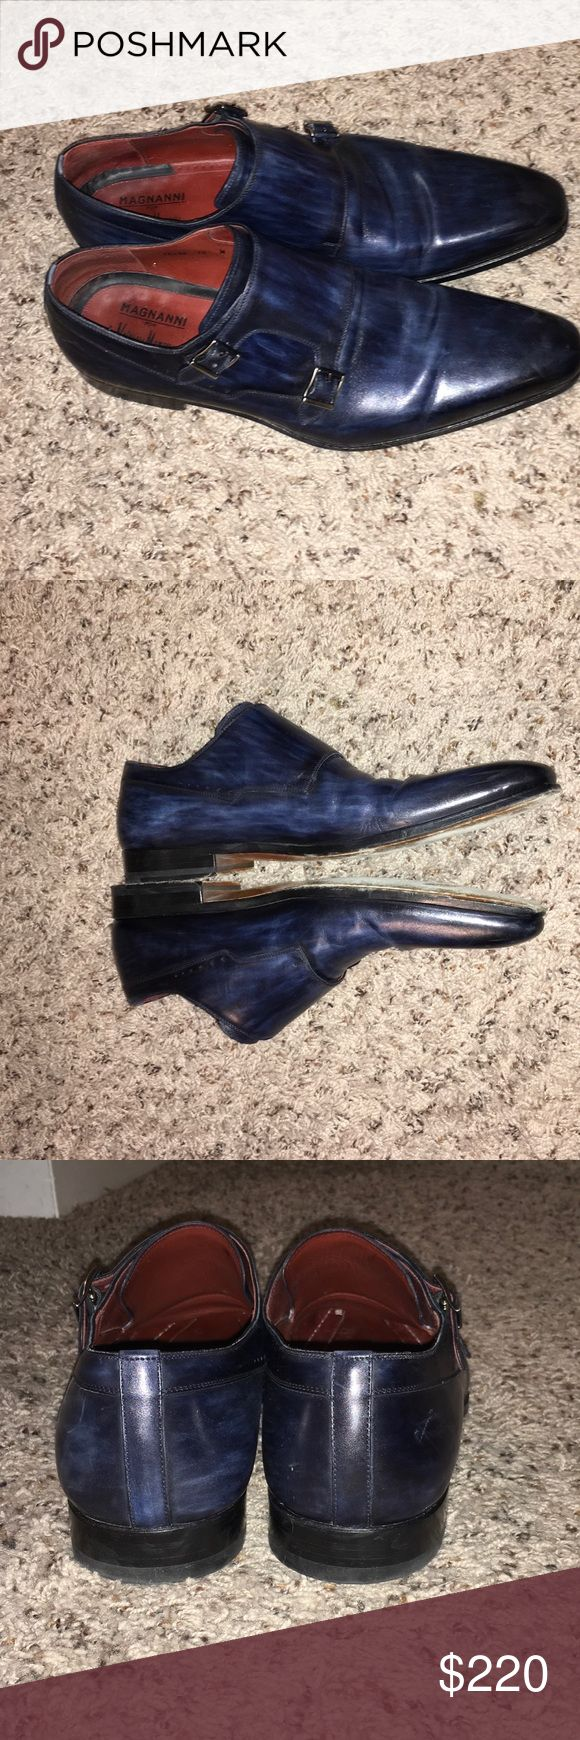 Magnanni navy blue dress shoe Navy blue men's dress shoe-Magnanni almond toe double monk strap #monkstrap #magnanni #mens Magnanni Shoes Loafers & Slip-Ons